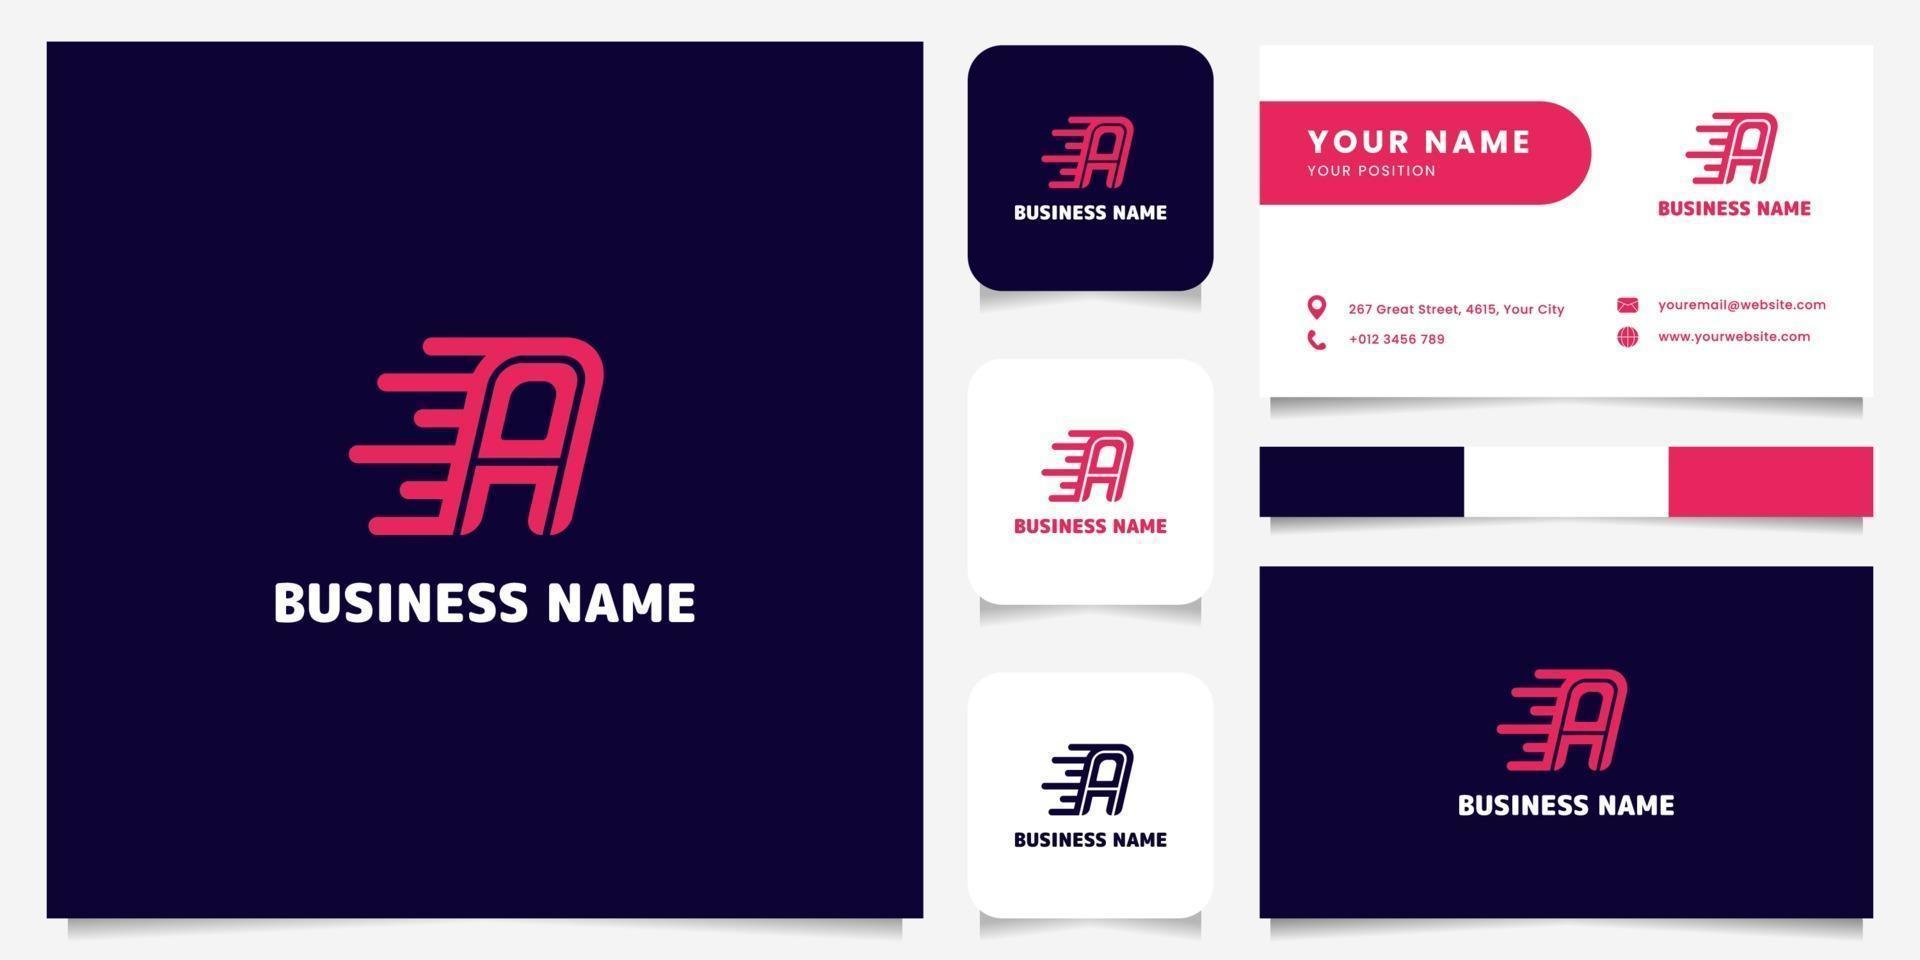 lettera rosa brillante semplice e minimalista un logo di velocità nel logo di sfondo scuro con modello di biglietto da visita vettore